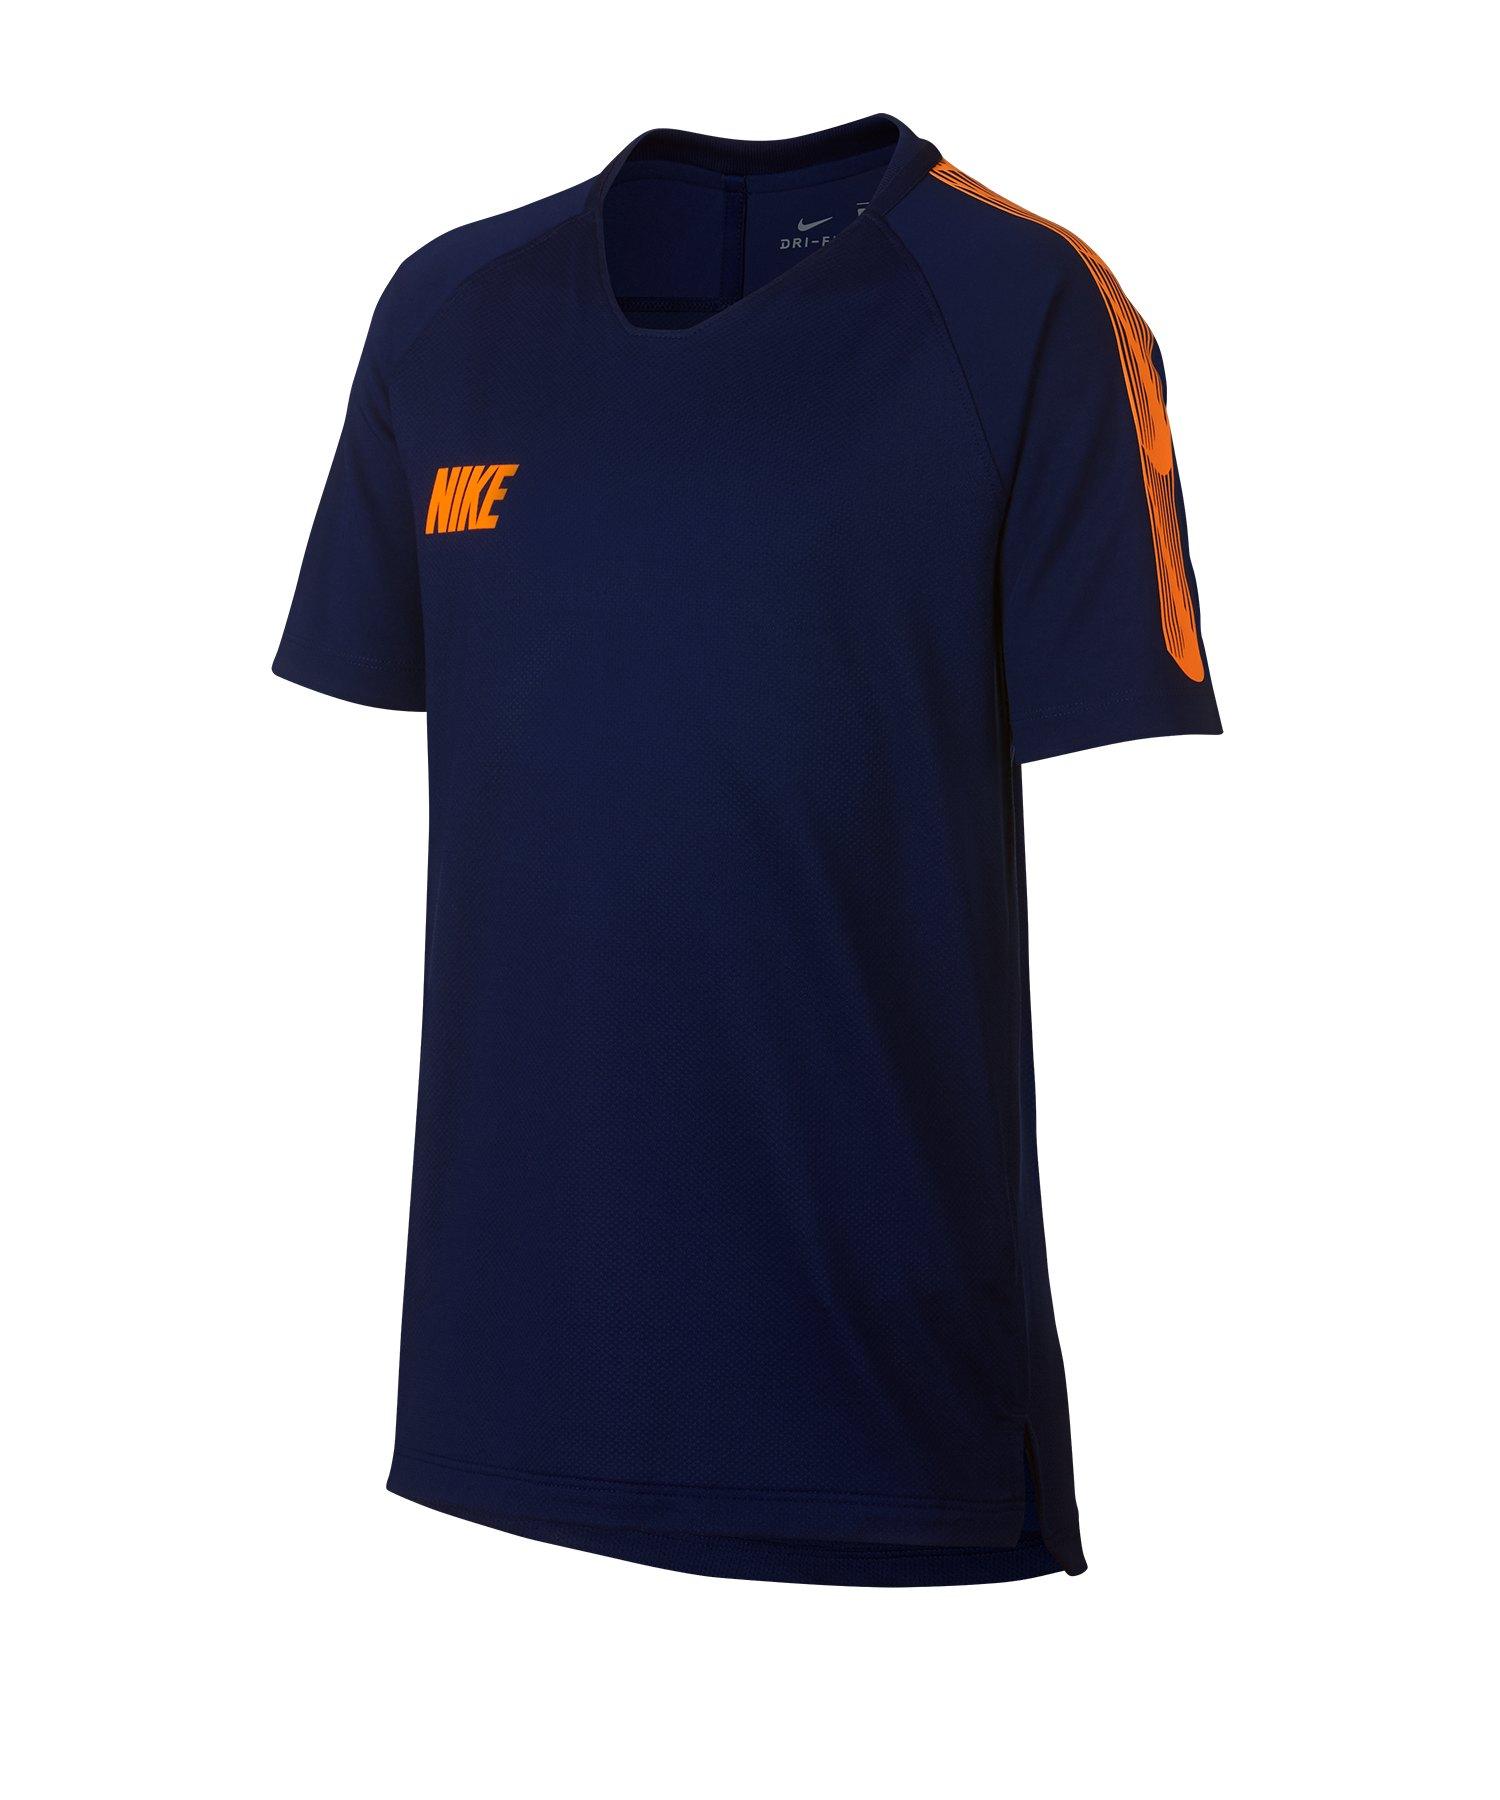 Nike Dry Squad Breathe T-Shirt Kids Blau F492 - Blau